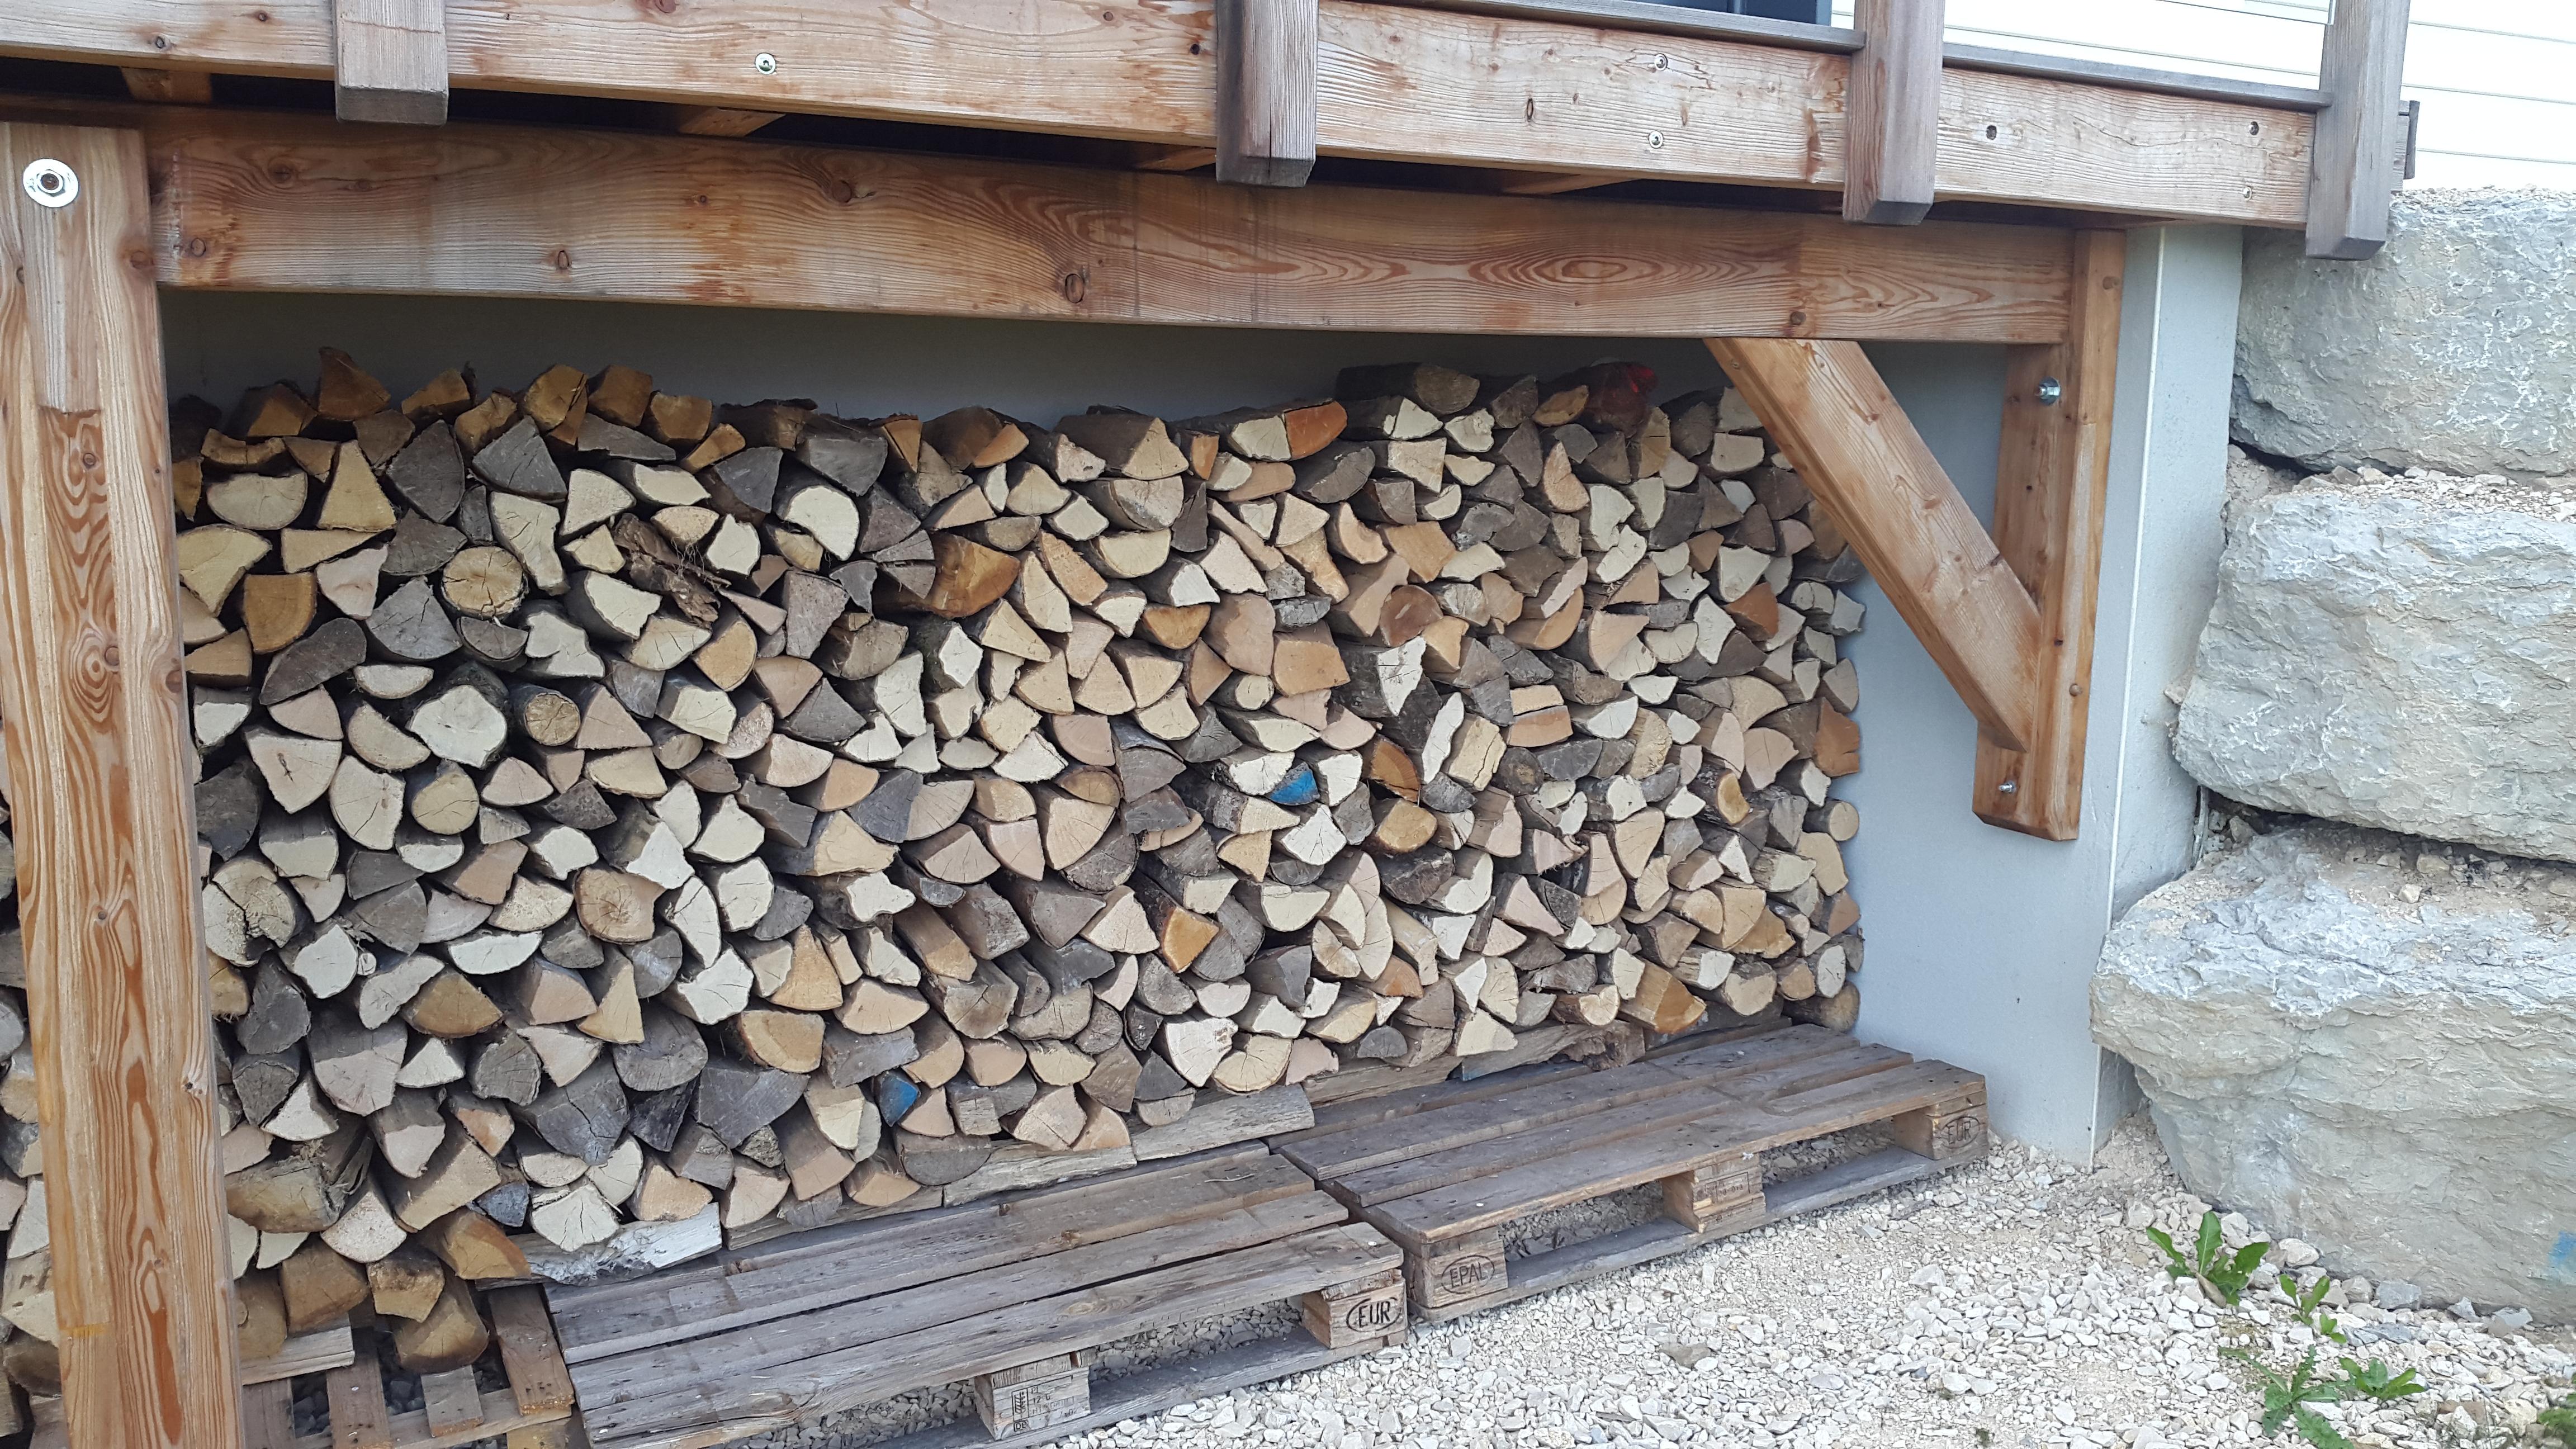 Comment Faire Un Abri Pour Le Bois fabriquez votre propre abri à bûches